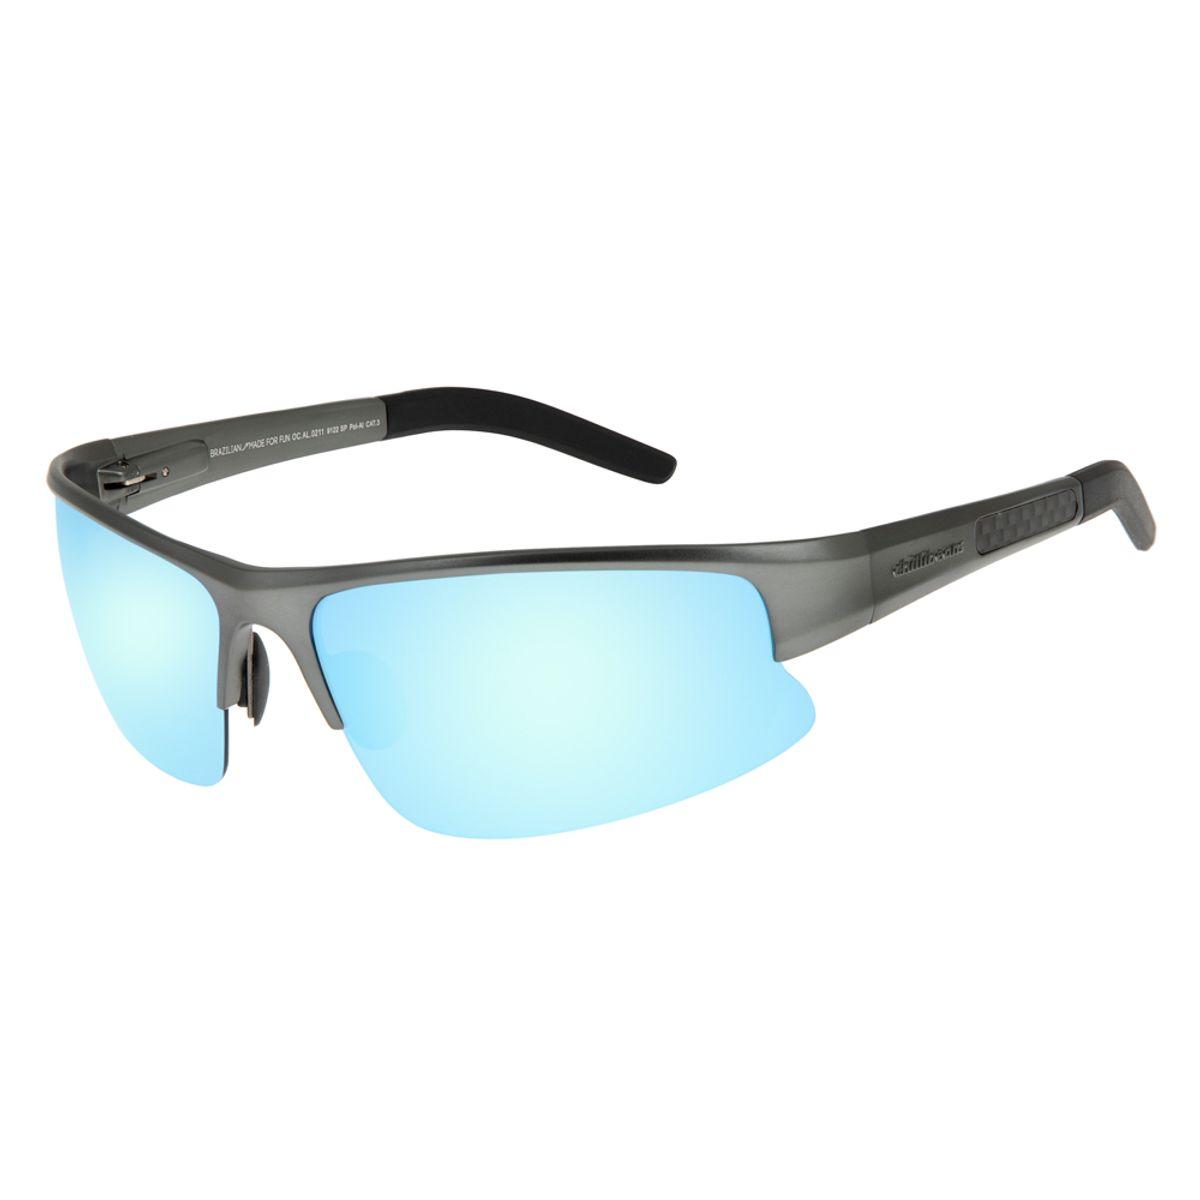 bd688c8ee Óculos de Sol Chilli Beans Esportivo Masculino Polarizado Espelhado ...